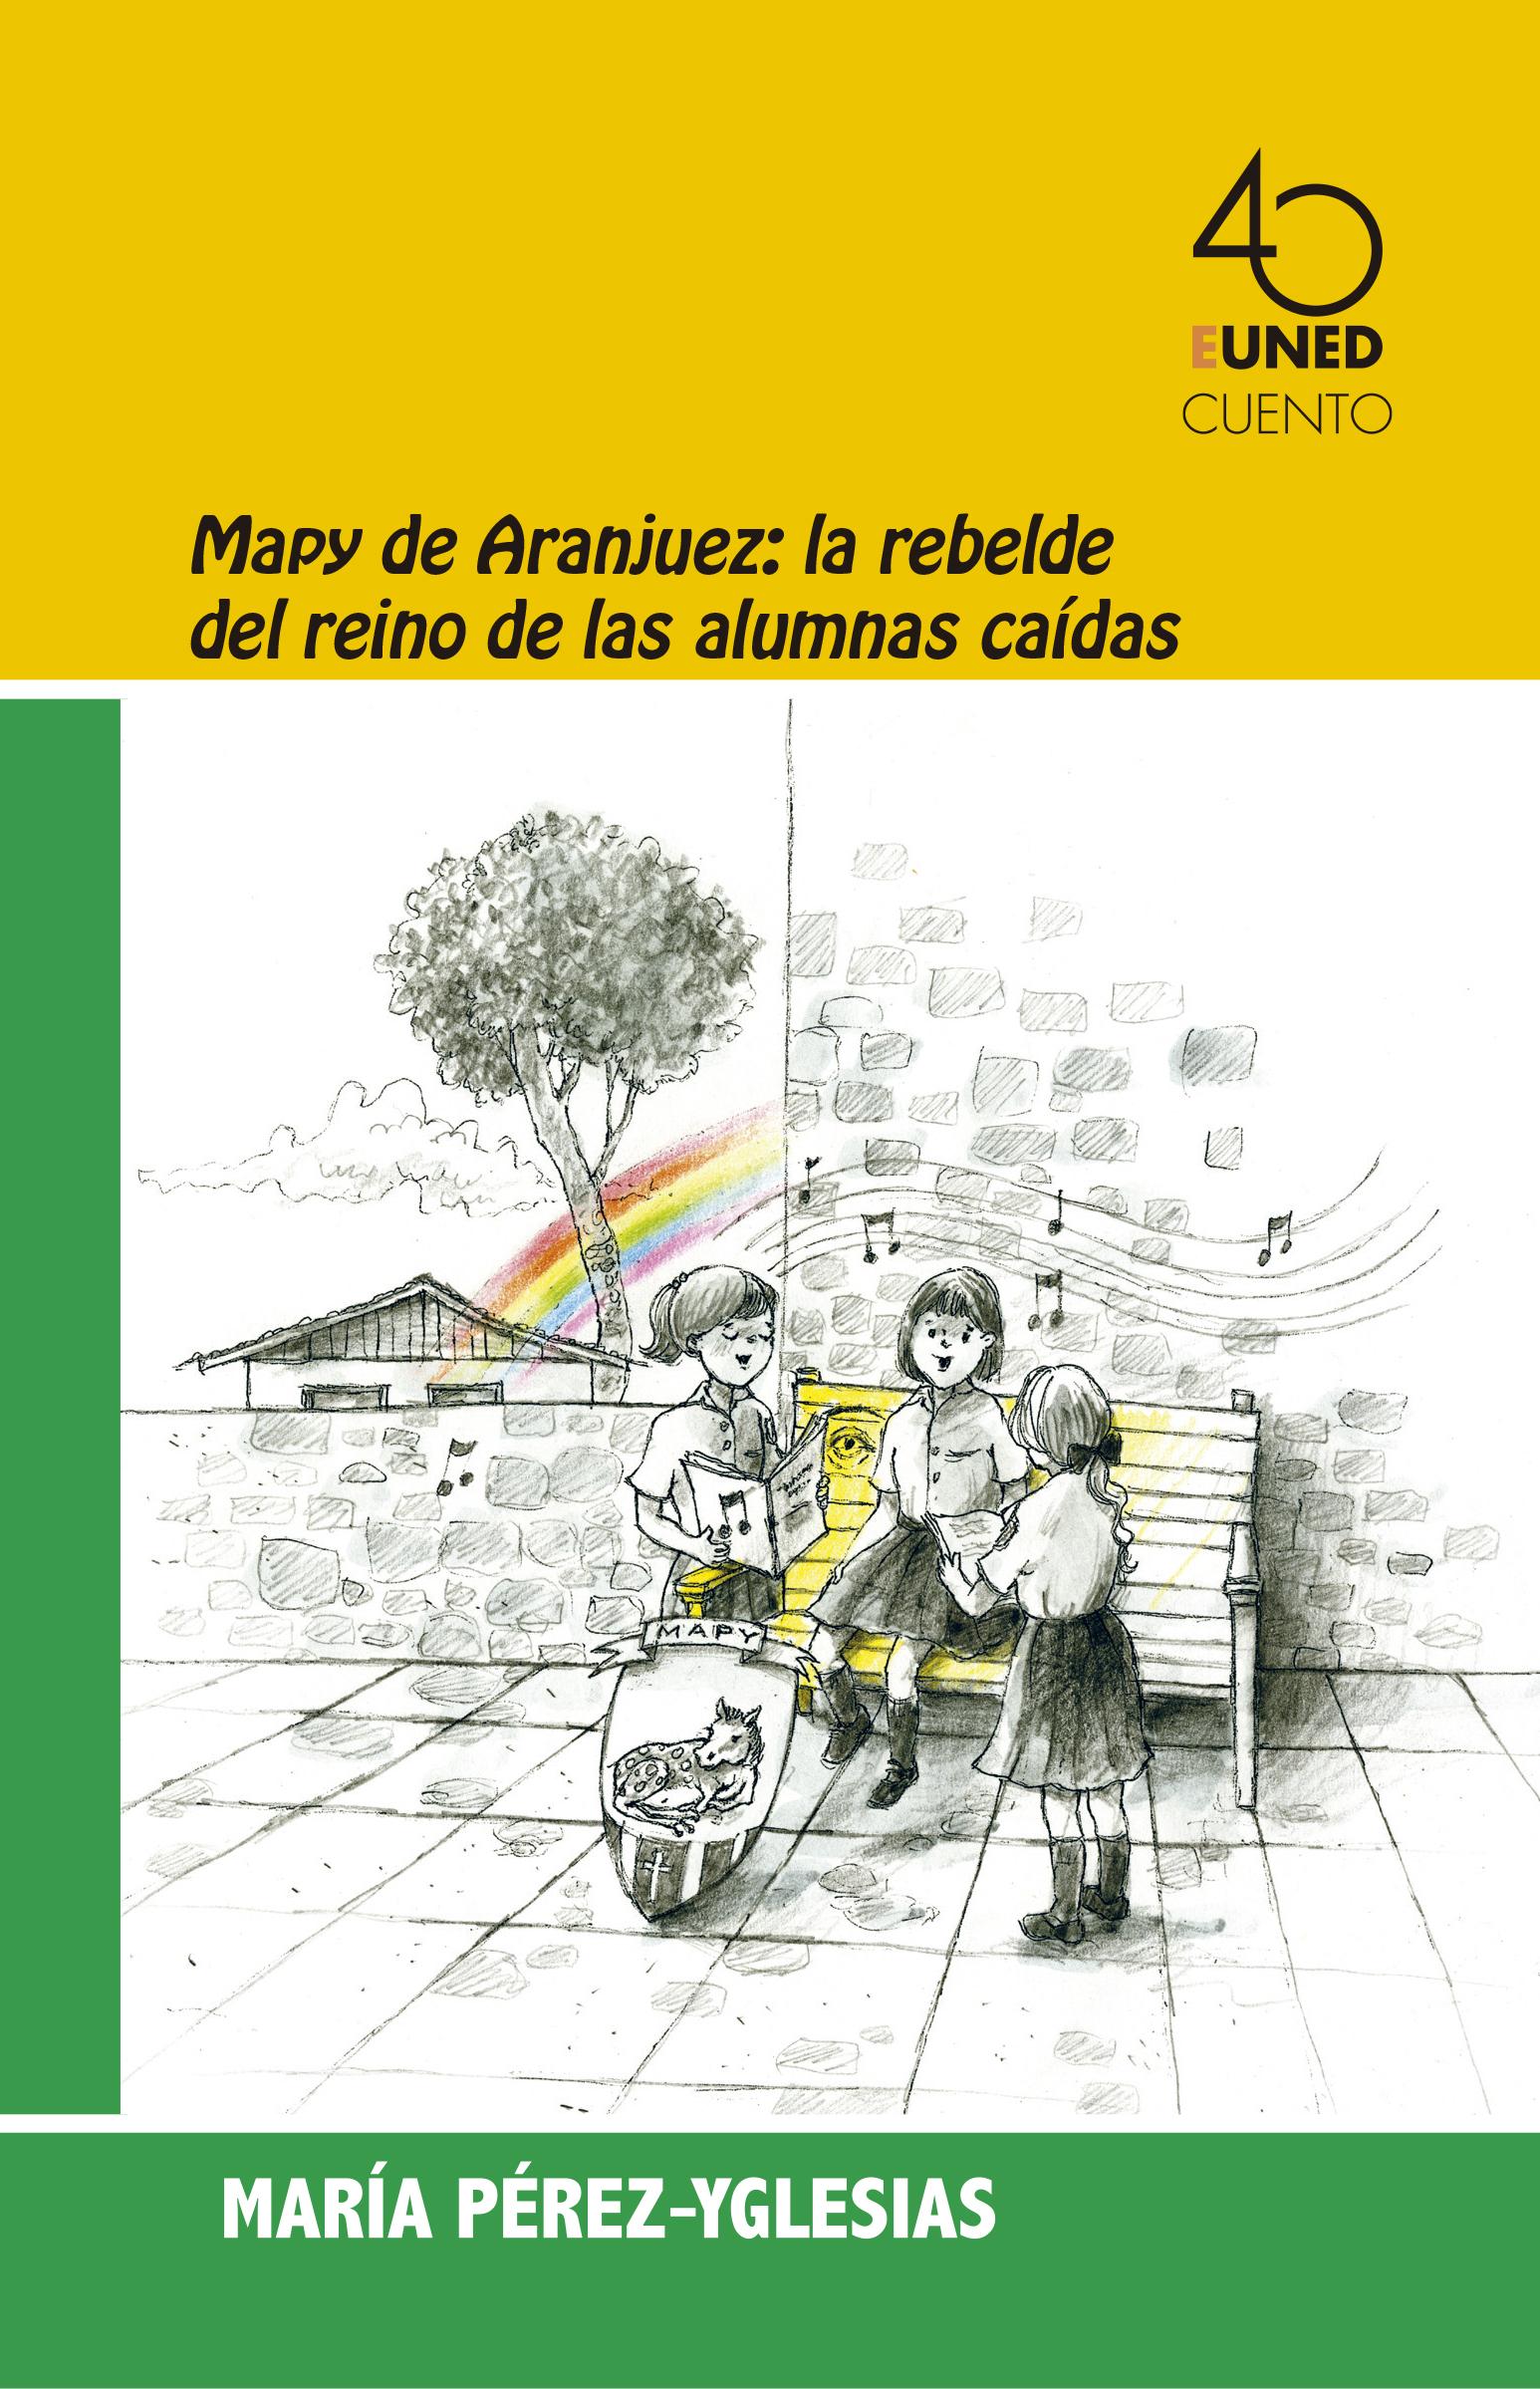 Mapy de Aranjuez: La rebelde del reino de las alumnas caìdas